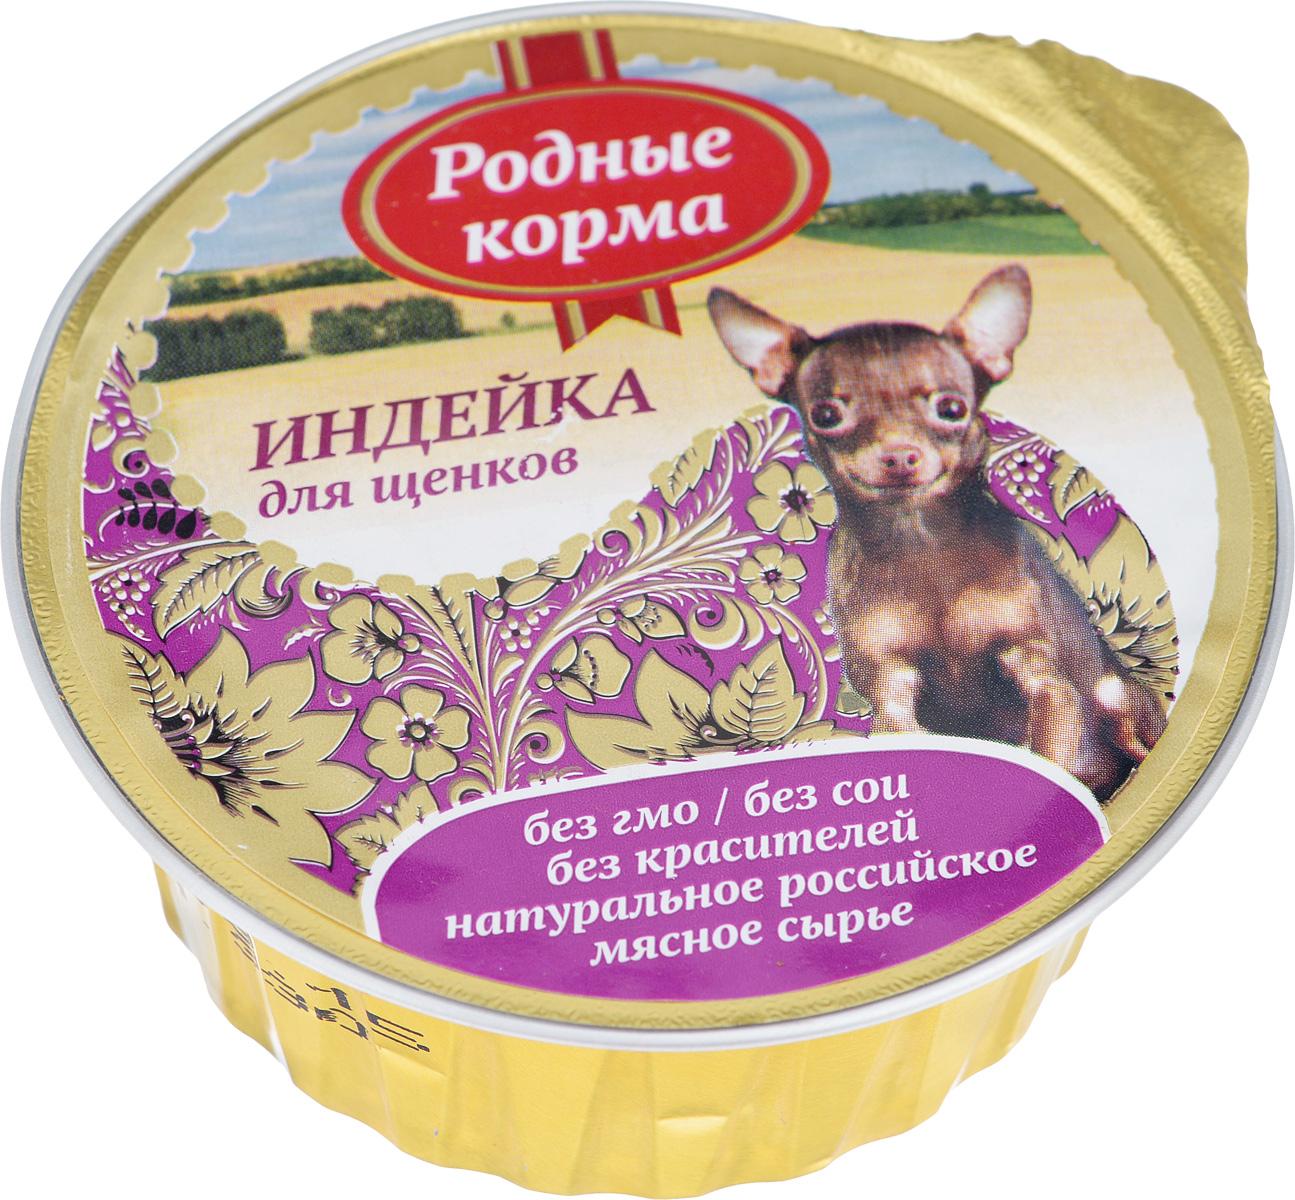 Консервы для собак Родные корма Индейка для щенков, 125 г60236В рацион домашнего любимца нужно обязательно включать консервированный корм, ведь его главные достоинства - высокая калорийность и питательная ценность. Консервы лучше усваиваются, чем сухие корма. Также важно, что животные, имеющие в рационе консервированный корм, получают больше влаги. Полнорационный консервированный корм Родные корма Индейка для щенков идеально подойдет вашему любимцу. Консервы приготовлены из натурального российского мяса. Не содержат сои, консервантов, красителей, ароматизаторов и генномодифицированных продуктов. Состав: мясо индейки, мясо птицы, мясопродукты, натуральная желирующая добавка, злаки (не более 2%), растительное масло, соль, вода. Пищевая ценность в 100 г: 8% протеин, 6% жир, 0,2% клетчатка, 2% зола, 4% углеводы, влага - до 80%. Энергетическая ценность: 102 кКал. Вес: 125 г. Товар сертифицирован.